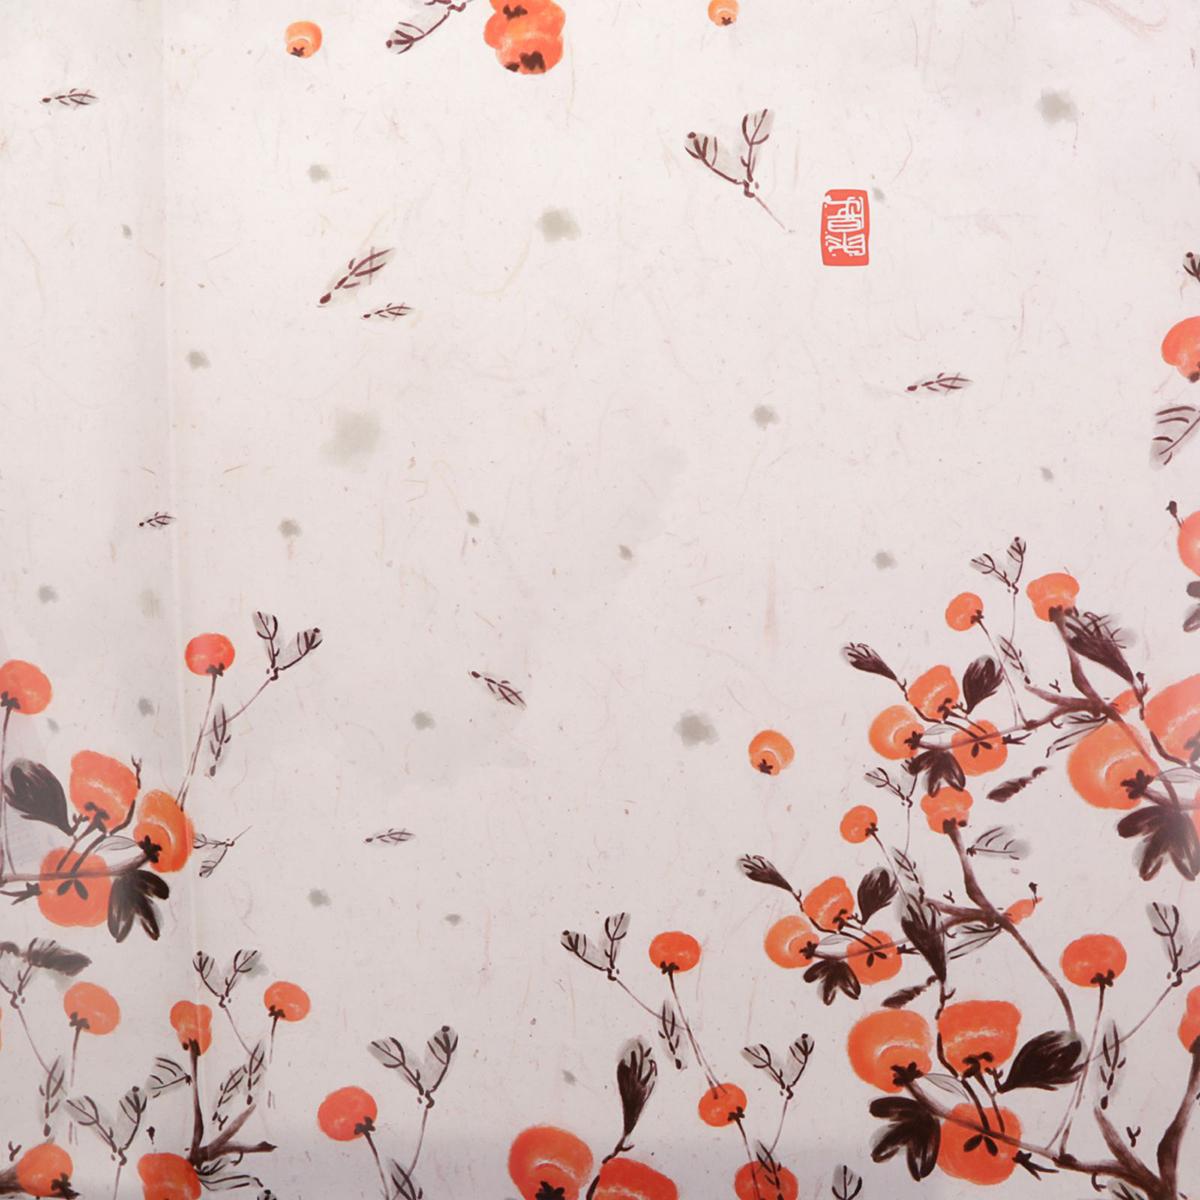 Бумага упаковочная Яблочное дерево, глянцевая, 50 х 70 см. 24797382479738Любой подарок начинается с упаковки. Что может быть трогательнее и волшебнее, чем ритуал разворачивания полученного презента. И именно оригинальная, со вкусом выбранная упаковка выделит ваш подарок из массы других. Она продемонстрирует самые тёплые чувства к виновнику торжества и создаст сказочную атмосферу праздника. Бумага упаковочная глянцевая Яблочное дерево, 50 х 70 см — это то, что вы искали.